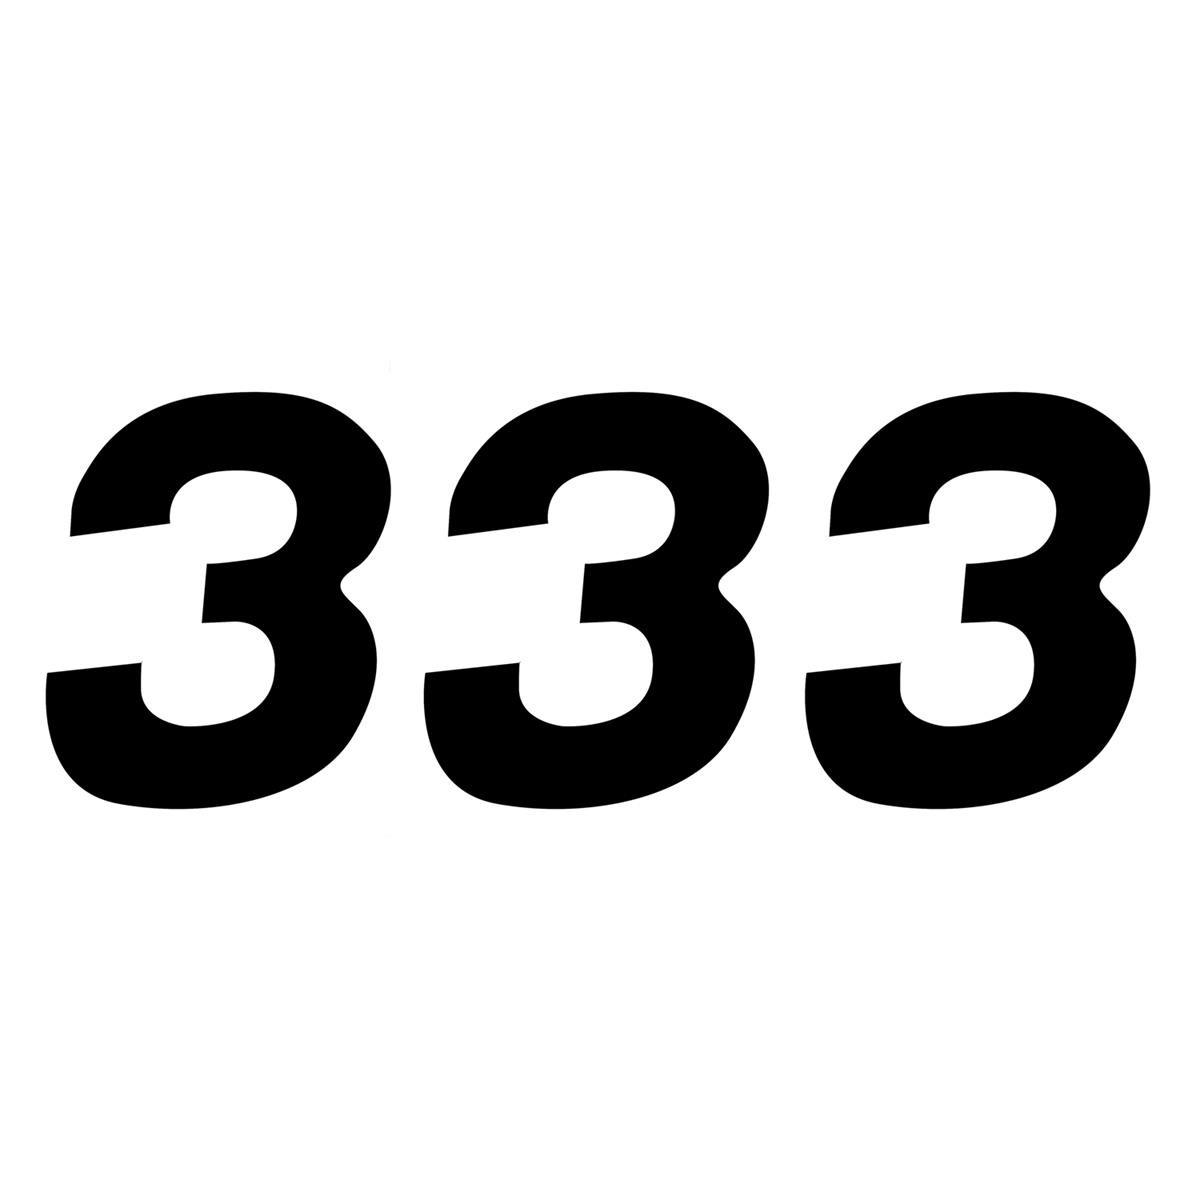 ZAP Startnummer-Set US-Style Nummer 3, Schwarz, 15 cm, 3 Stück